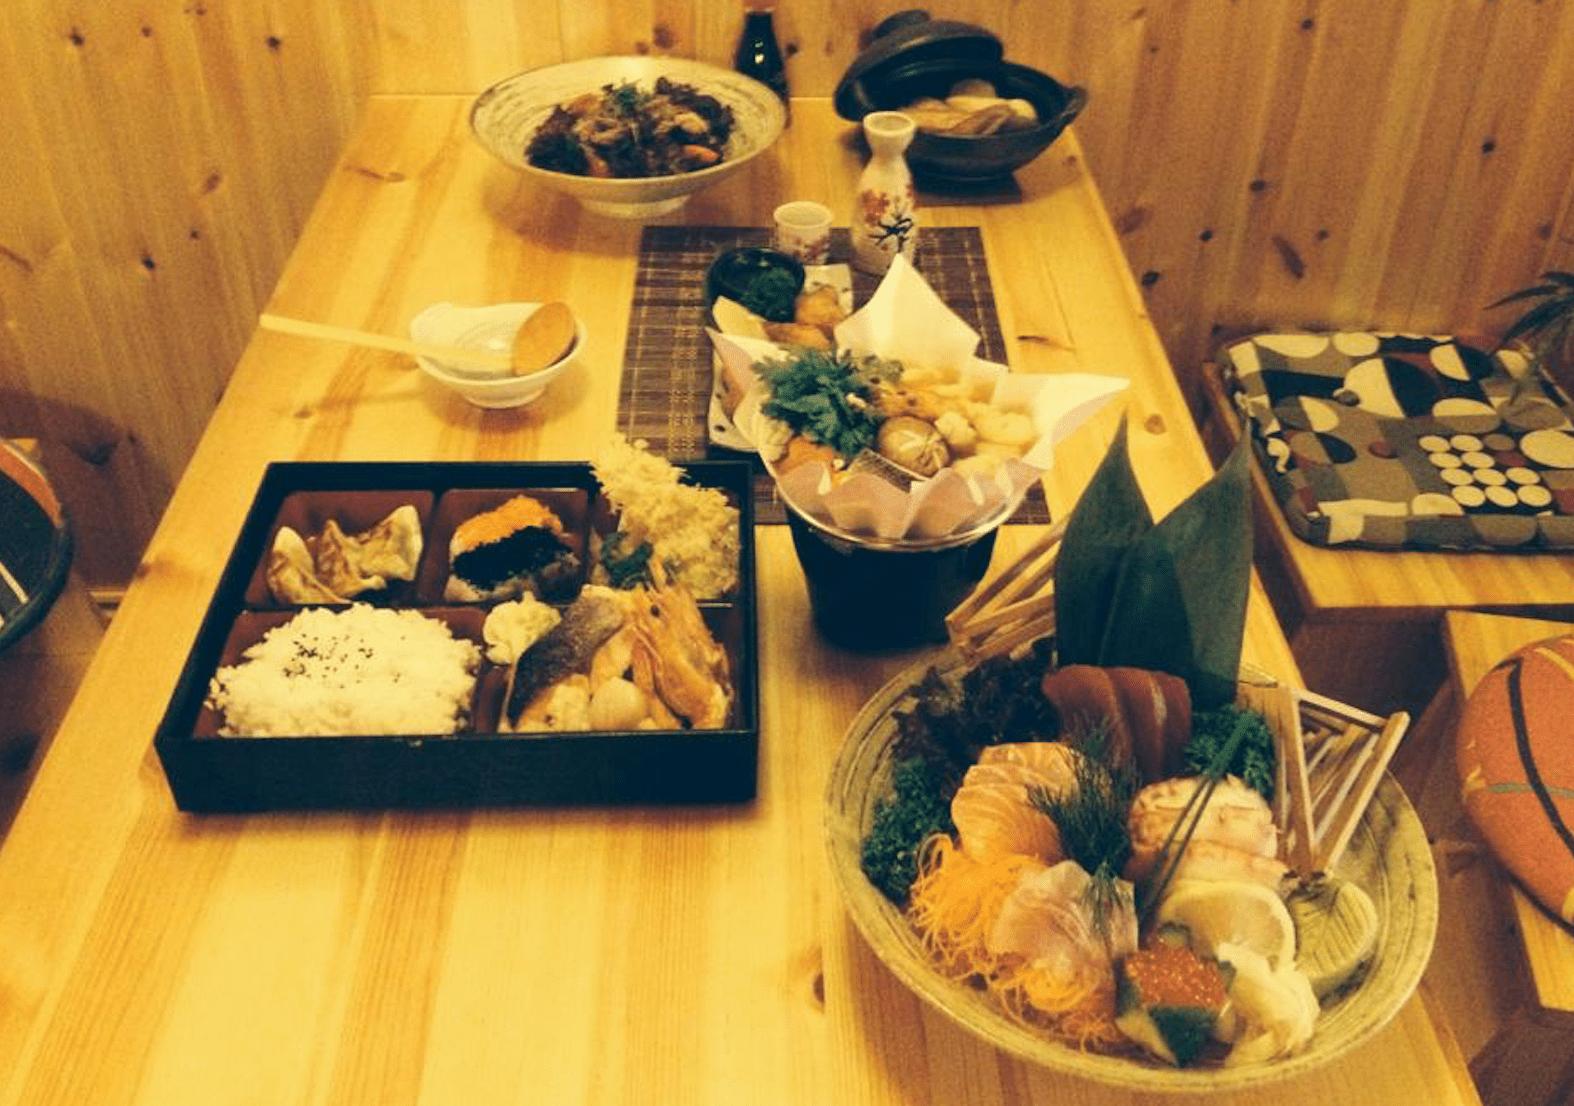 platters of japanese food on light wood table